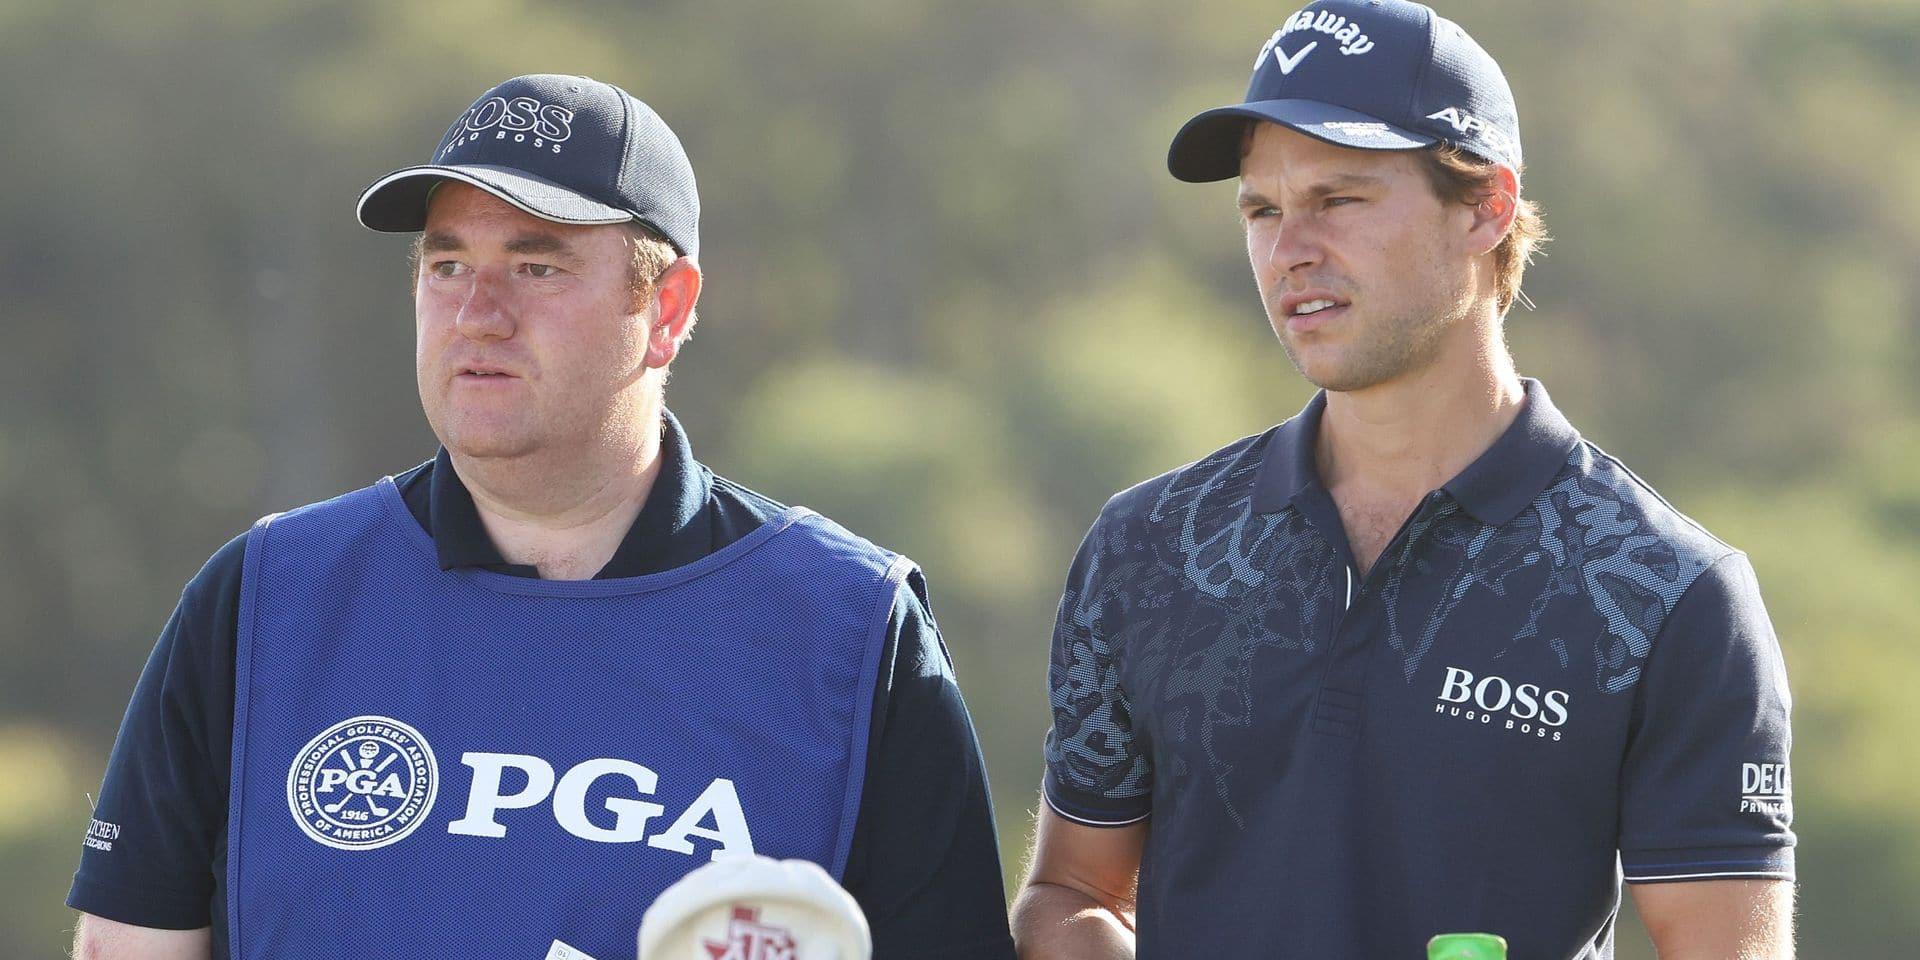 Thomas Detry perplexe et à l'écoute de son caddie lors du premier tour du PGA Championship.